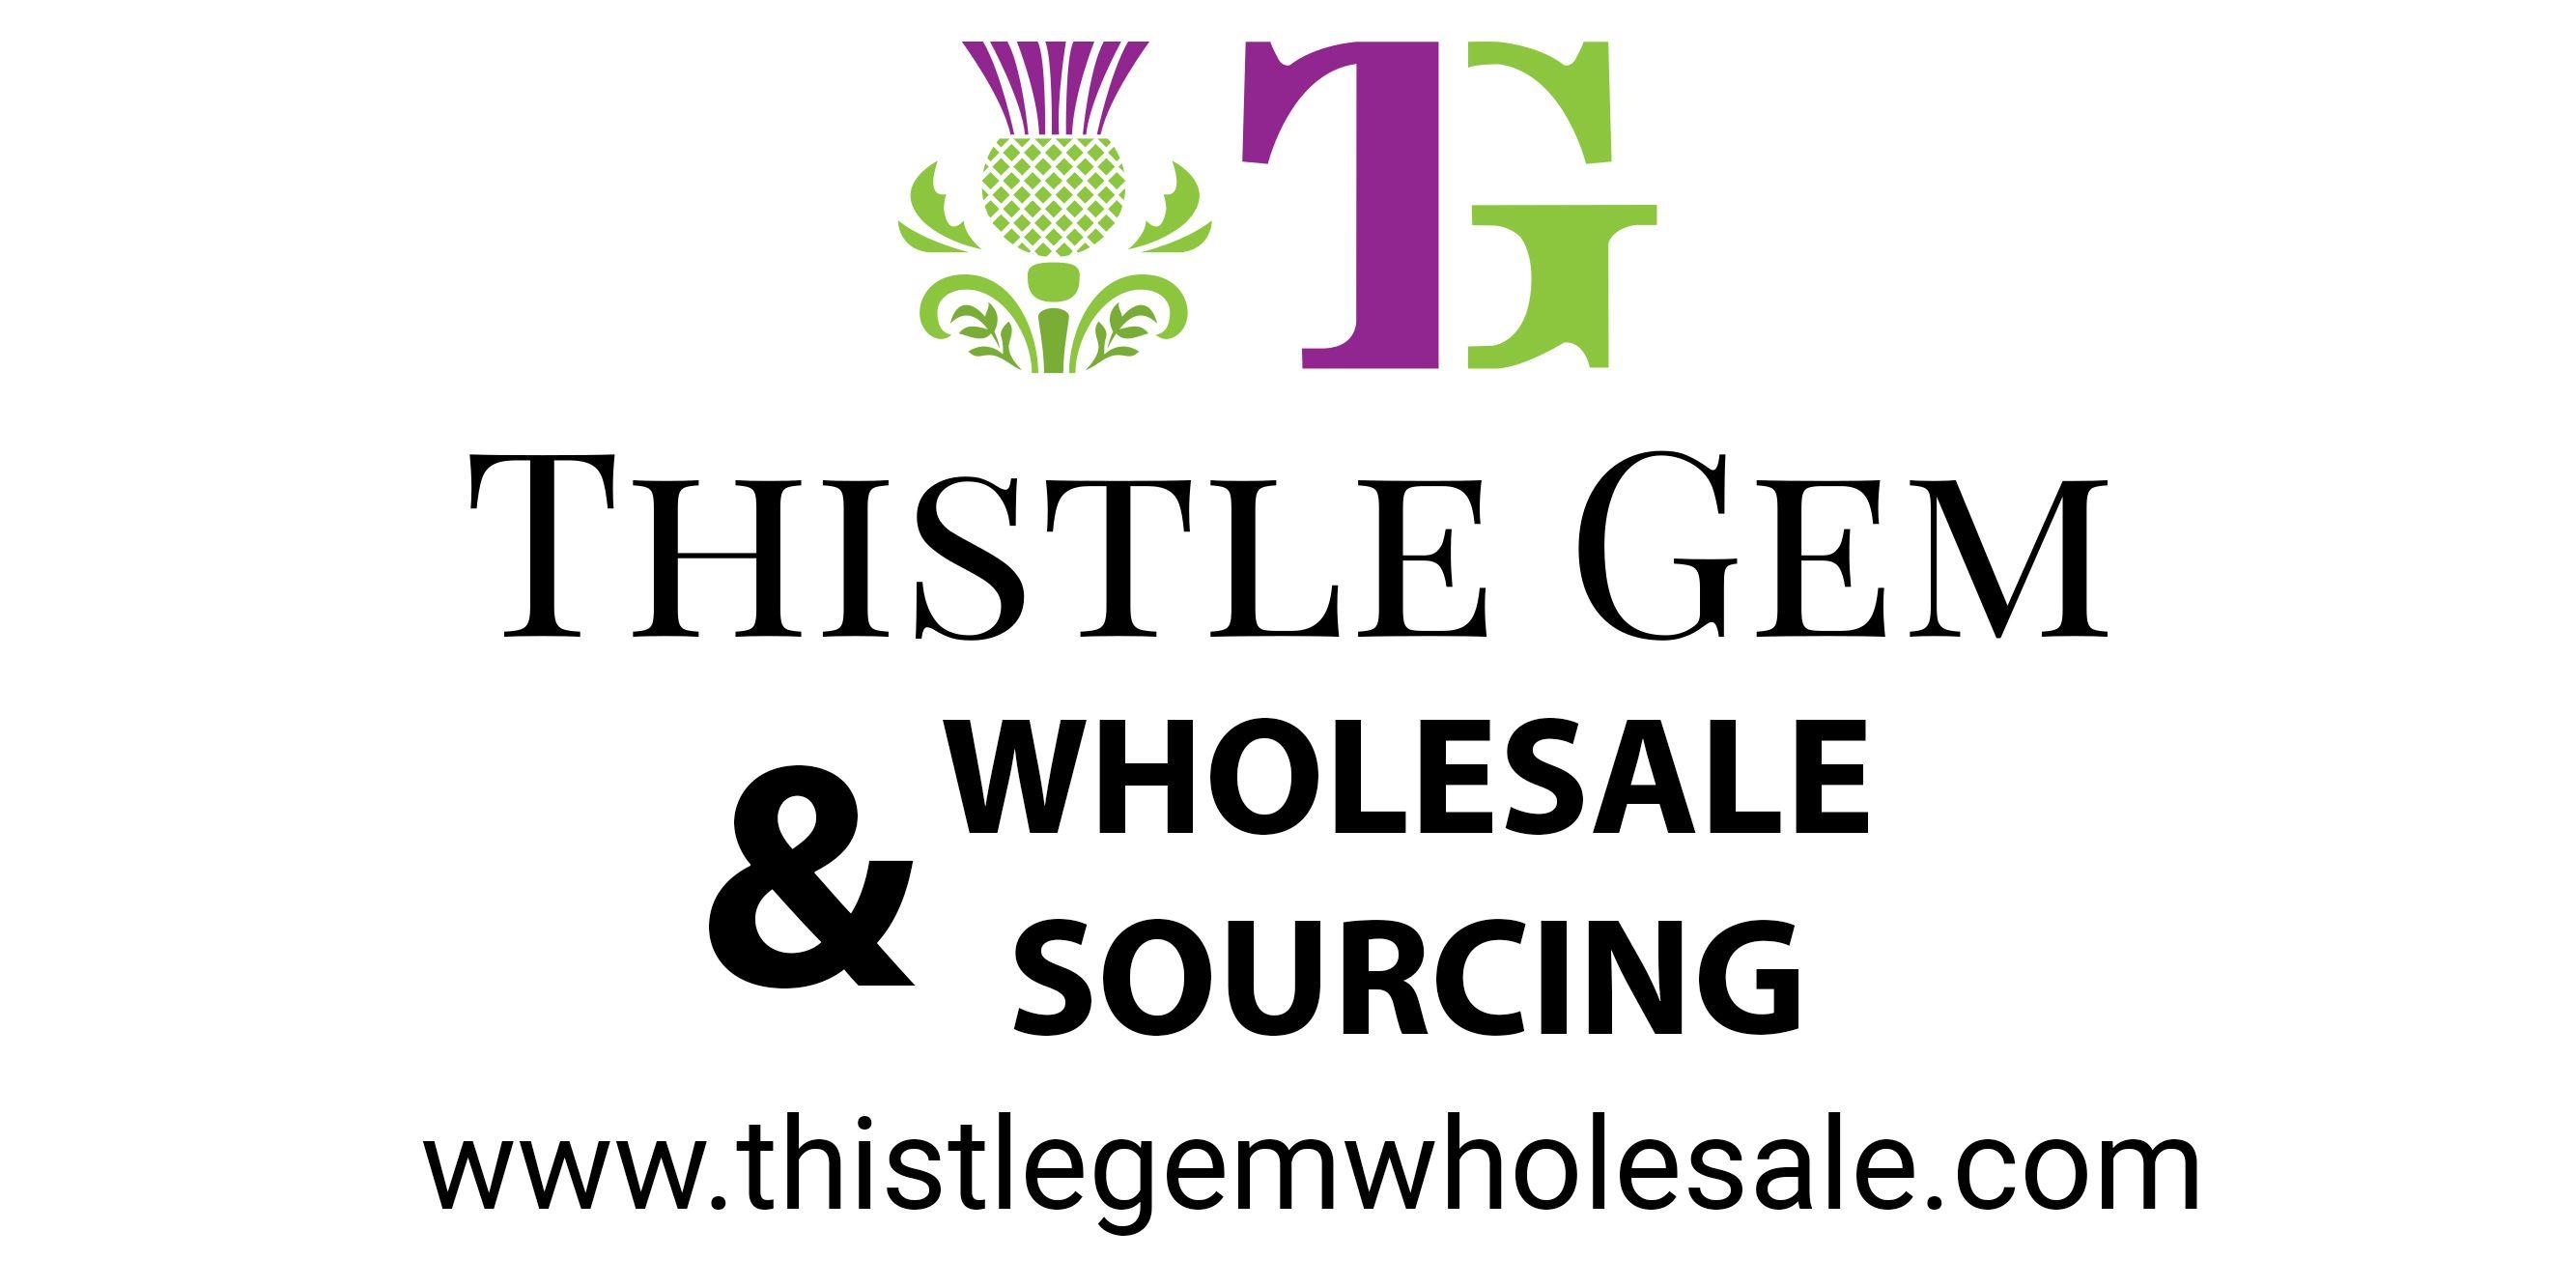 Thistle Gem Ltd